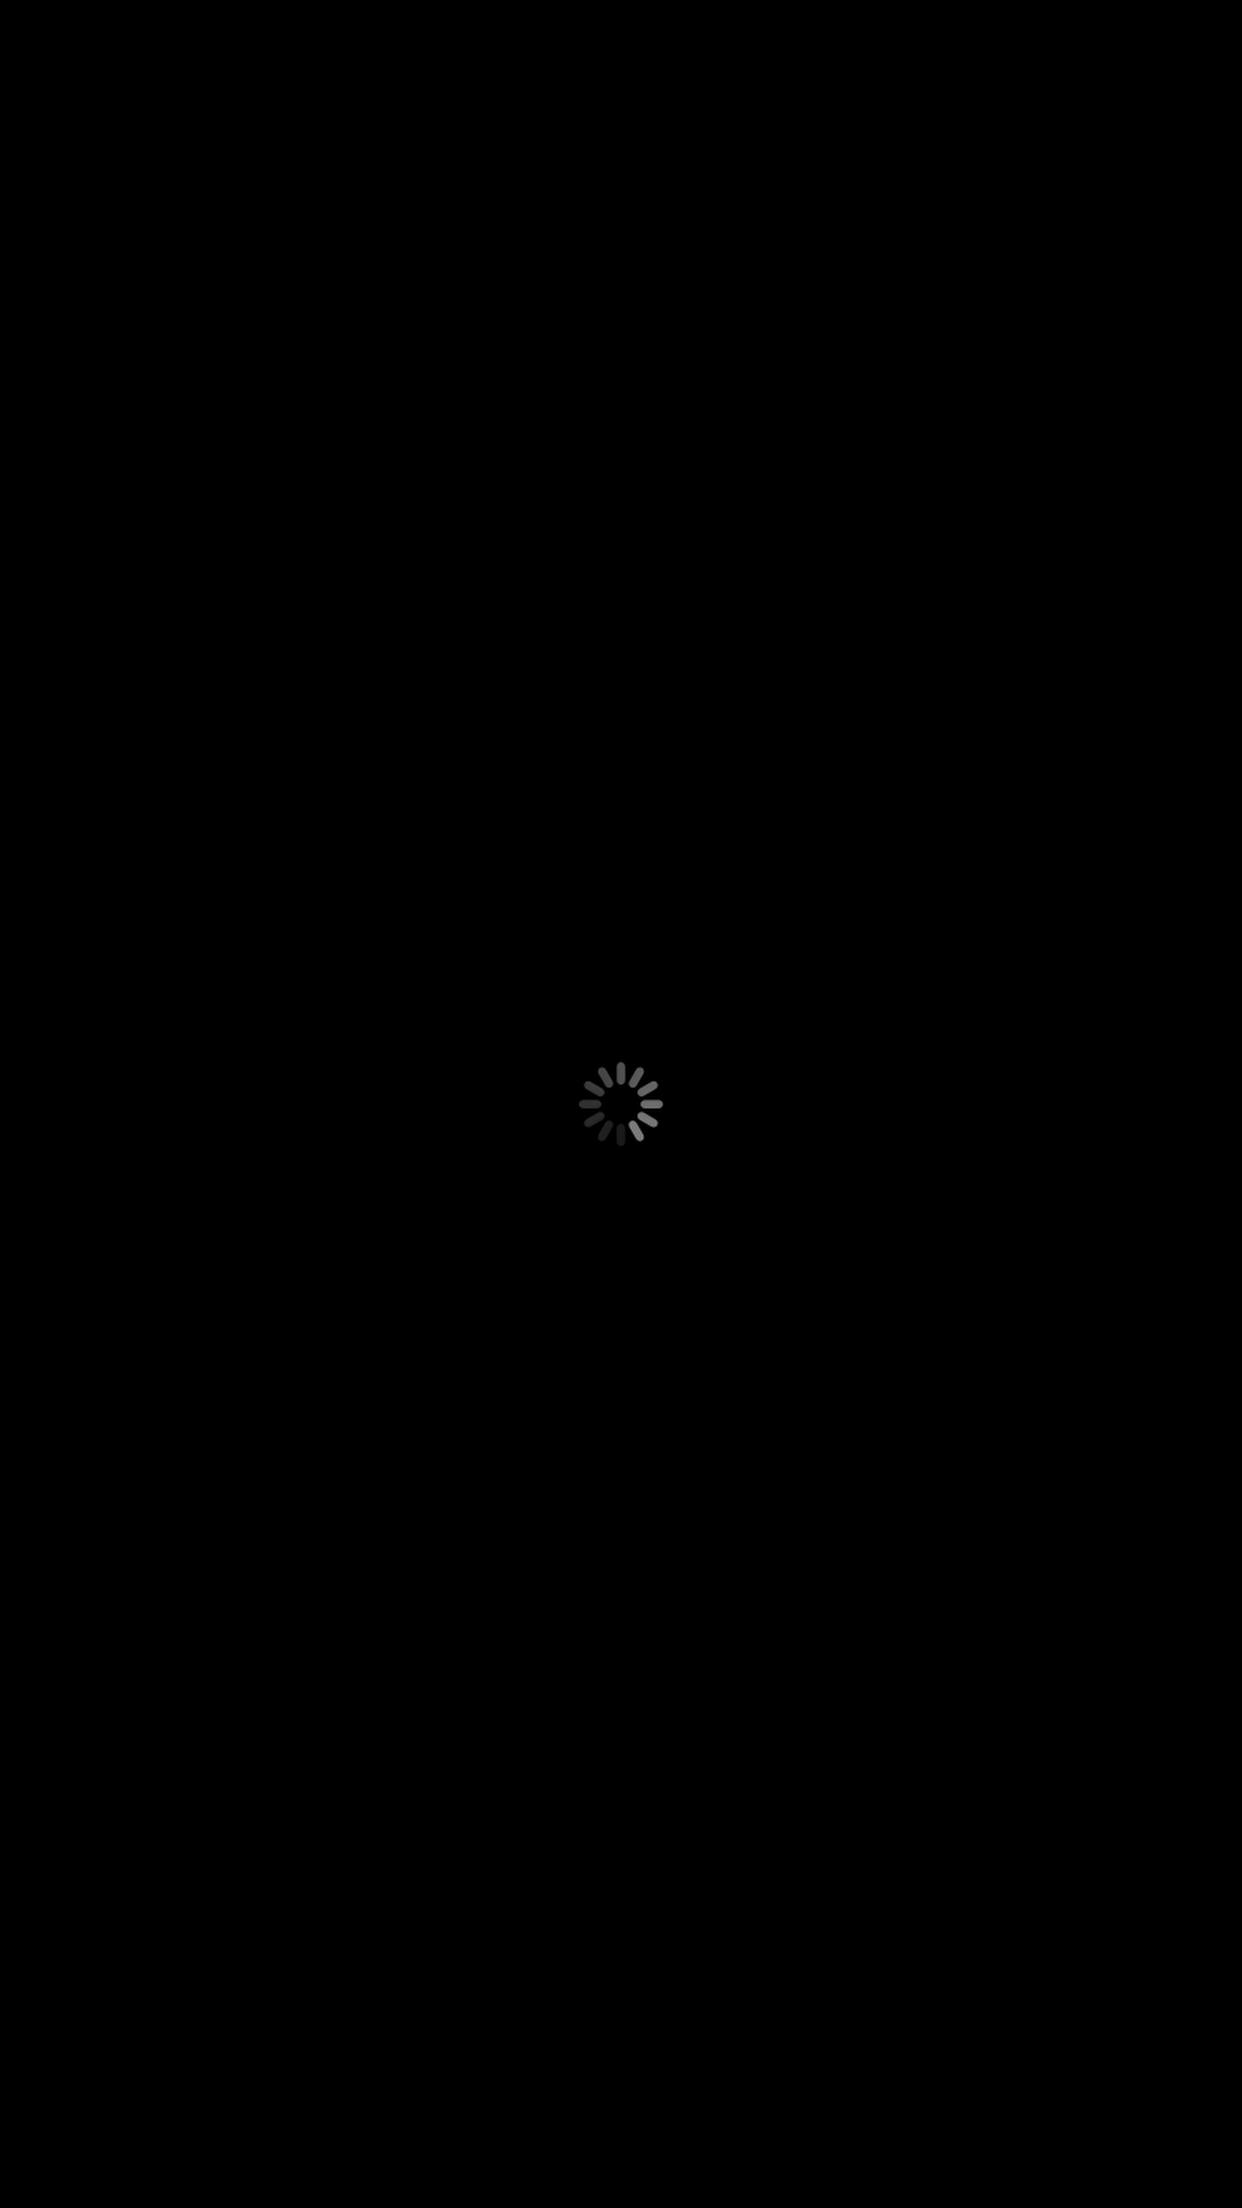 なる iphone 暗く が に 勝手 画面